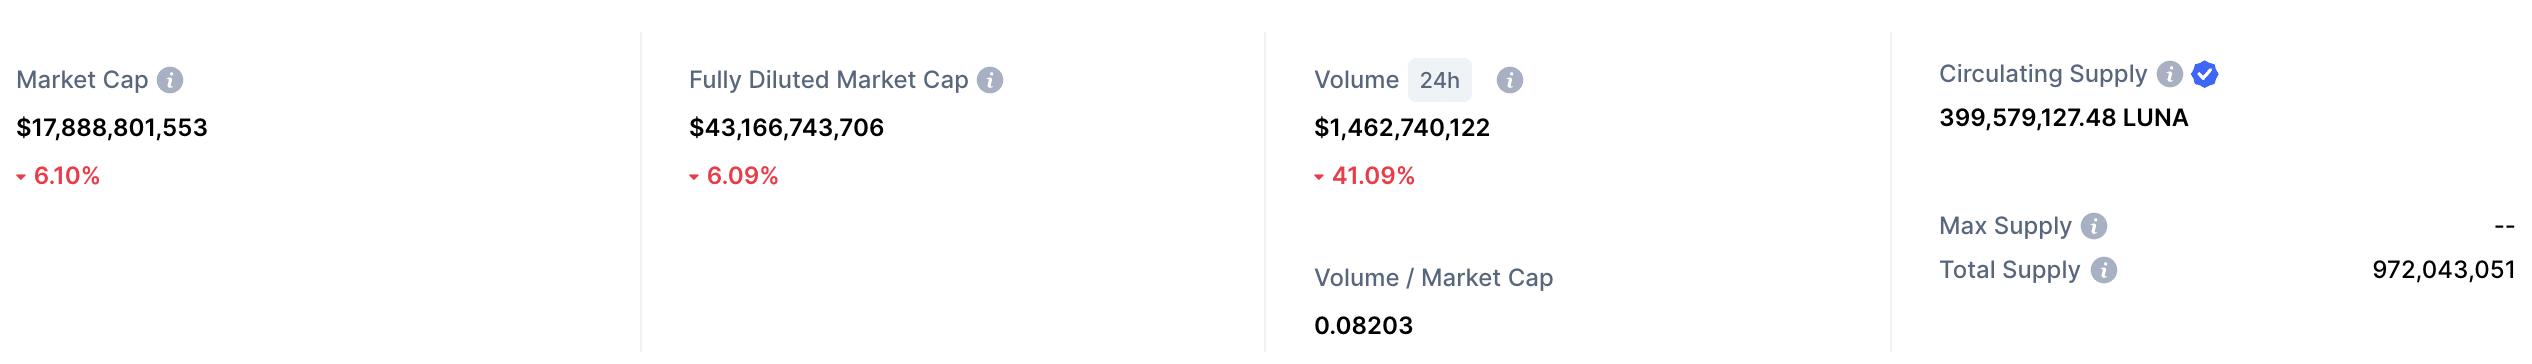 LUNA market cap